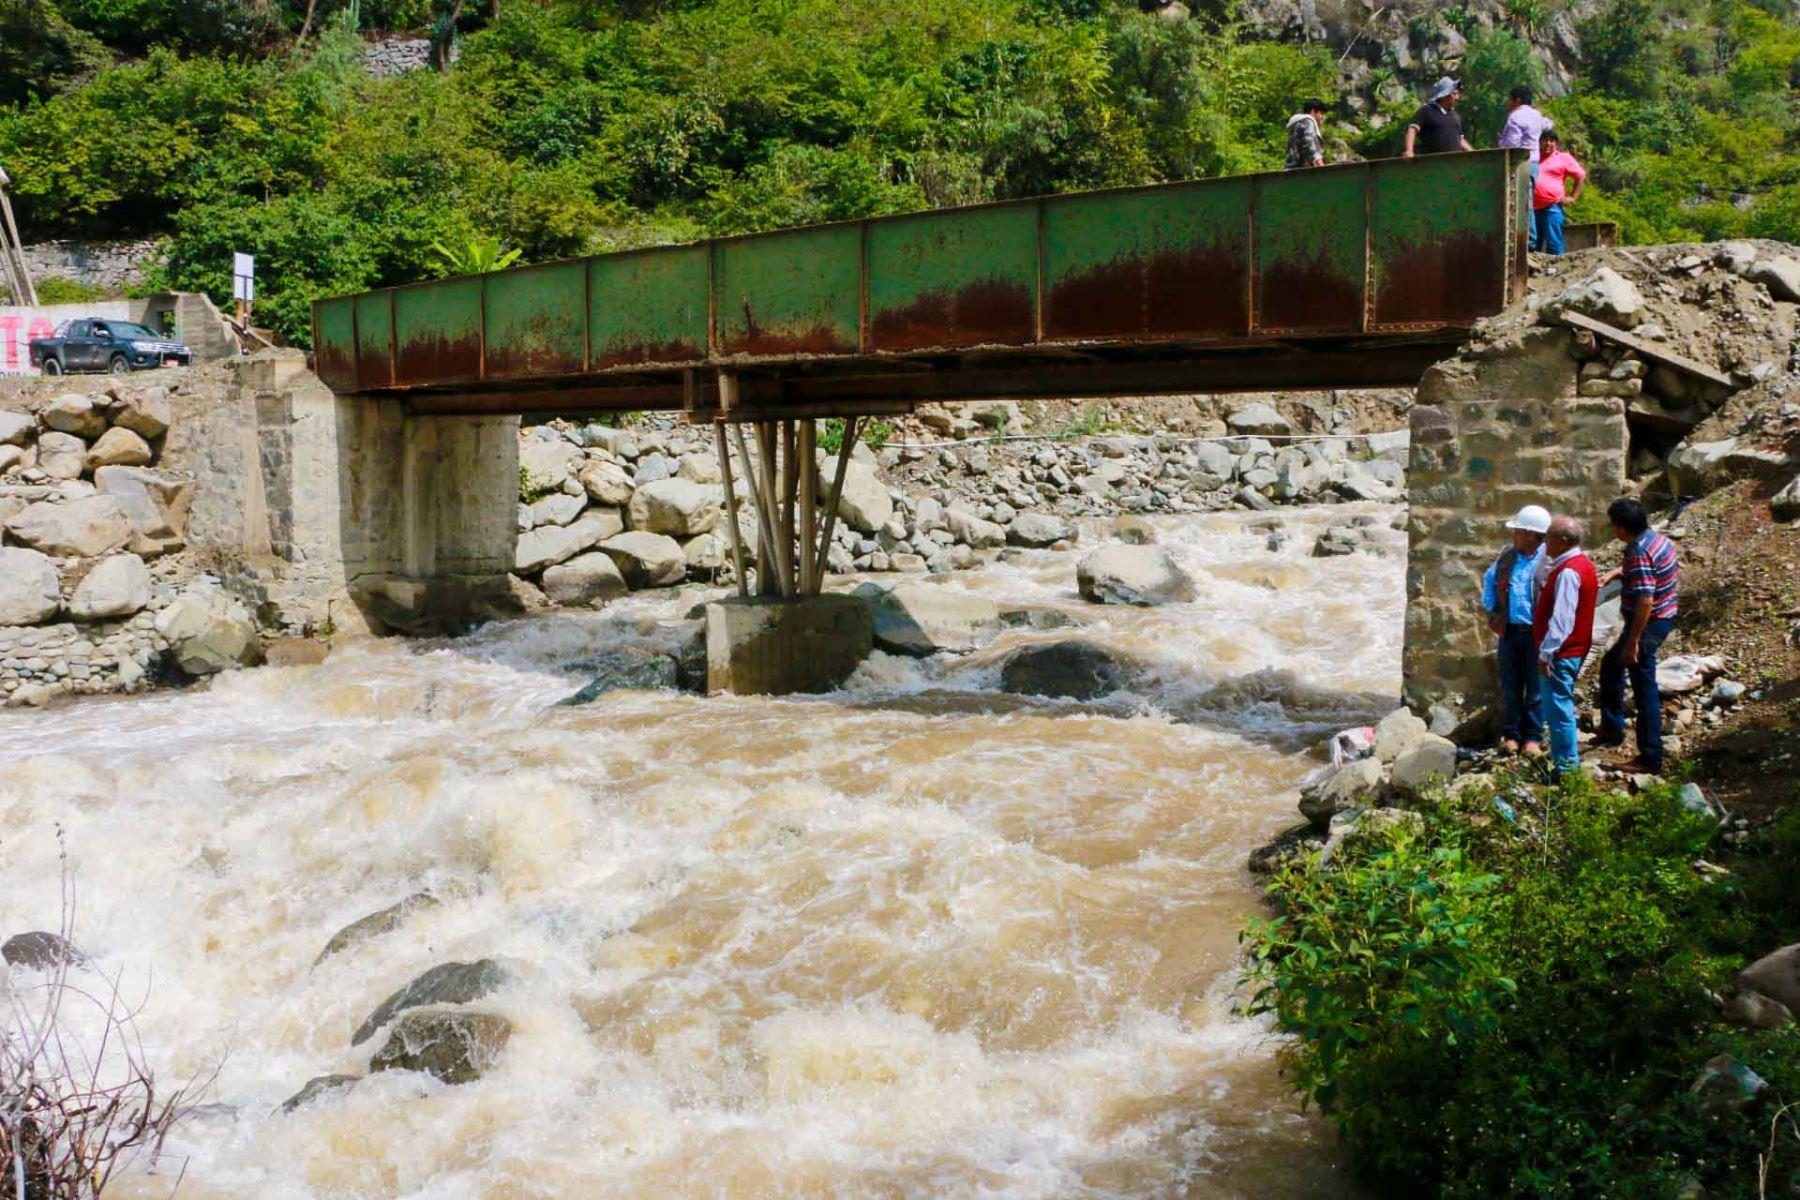 El Instituto Nacional de Defensa Civil (Indeci) recomienda medidas de preparación ante el aviso hidrológico N° 034 del Senamhi, que alerta sobre el incremento del caudal del río Cañete, debido a las continuas precipitaciones de moderada a fuerte intensidad ocurridas sobre su cuenca. ANDINA/Difusión